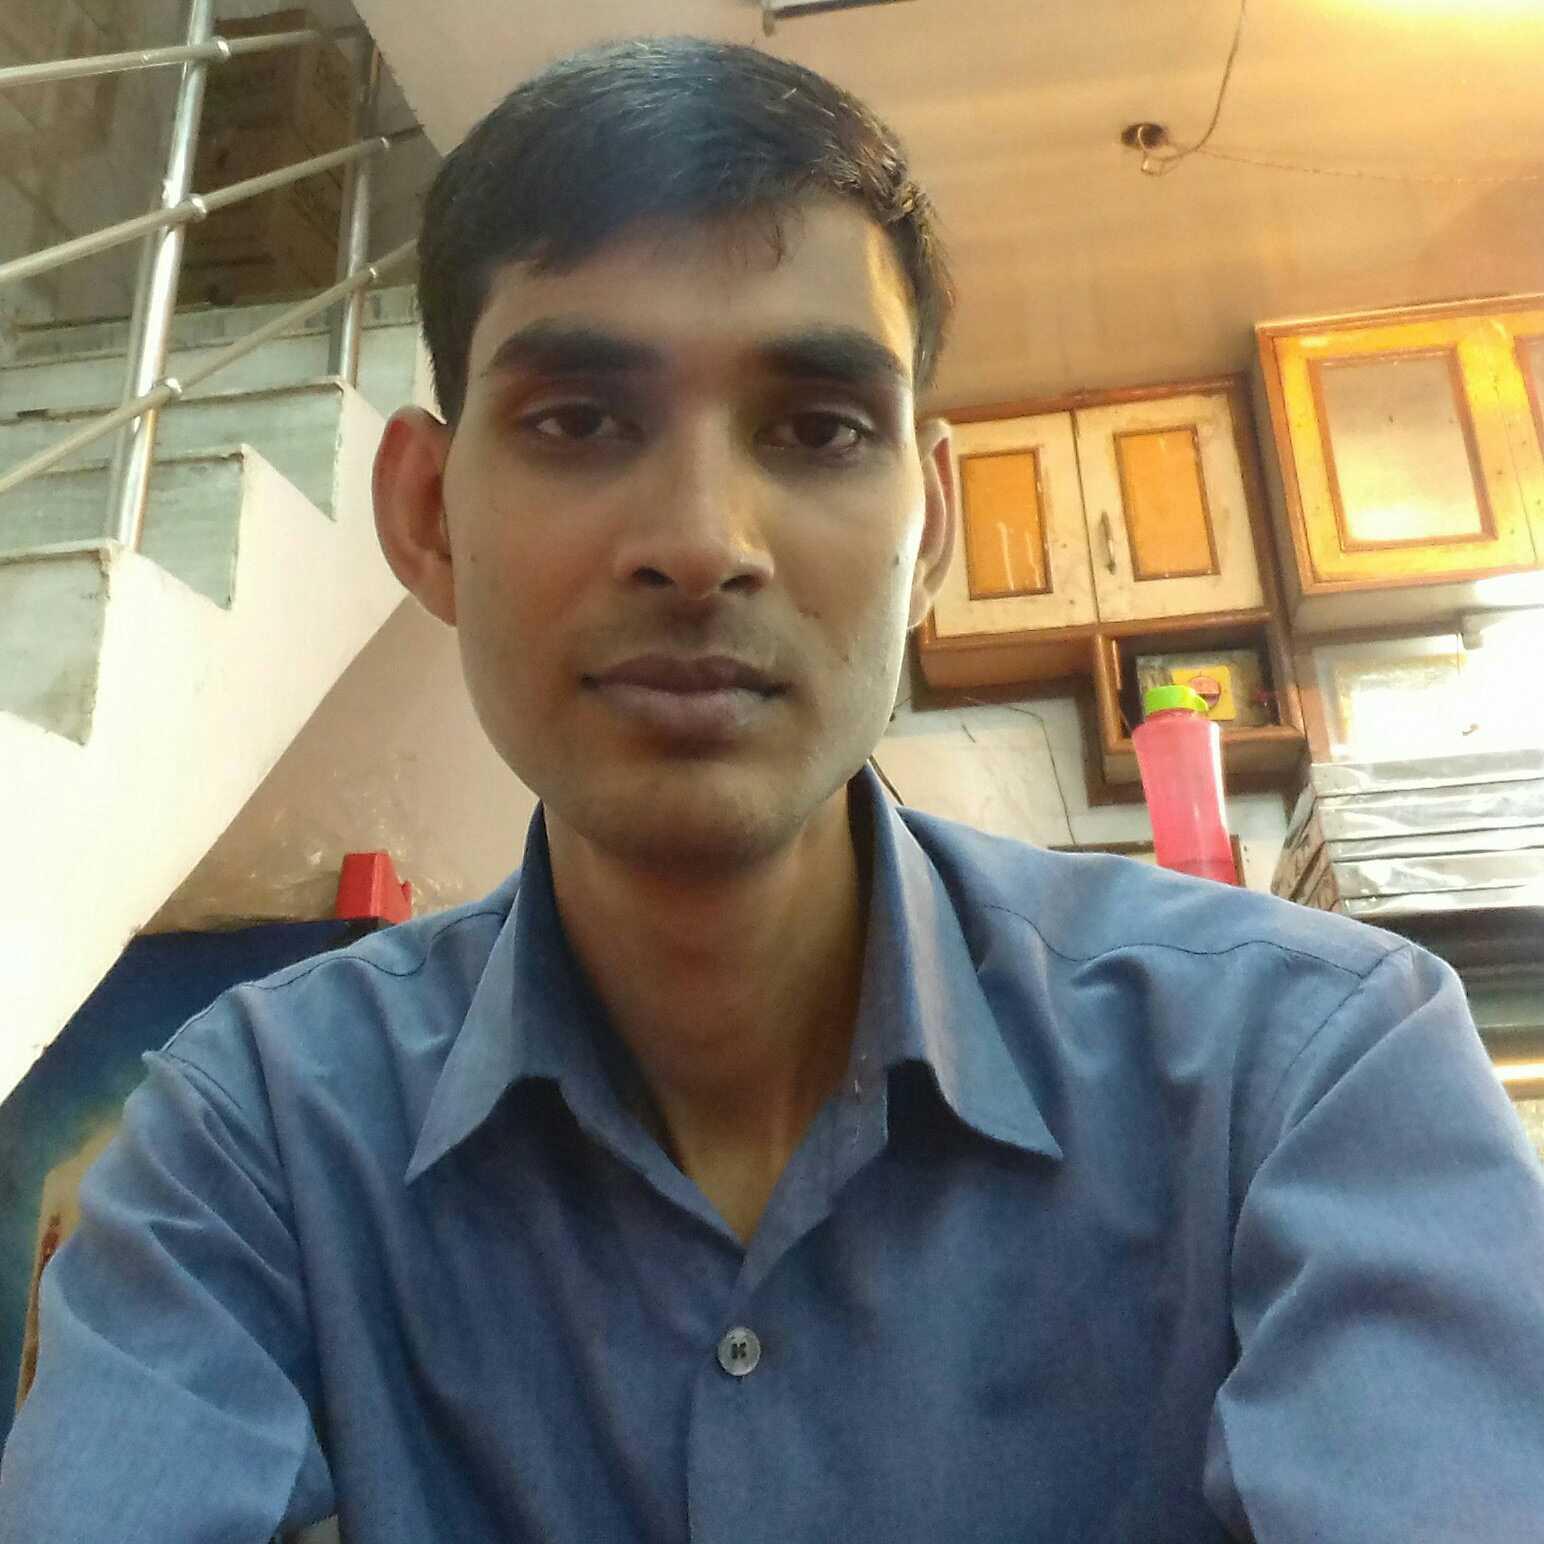 Abhishek Kumar(ABHI) ❤ ke dard kisi se  na kah sako to unhe kore kagaj par utar dena chahiye nhi to  nasoor ban jate hi